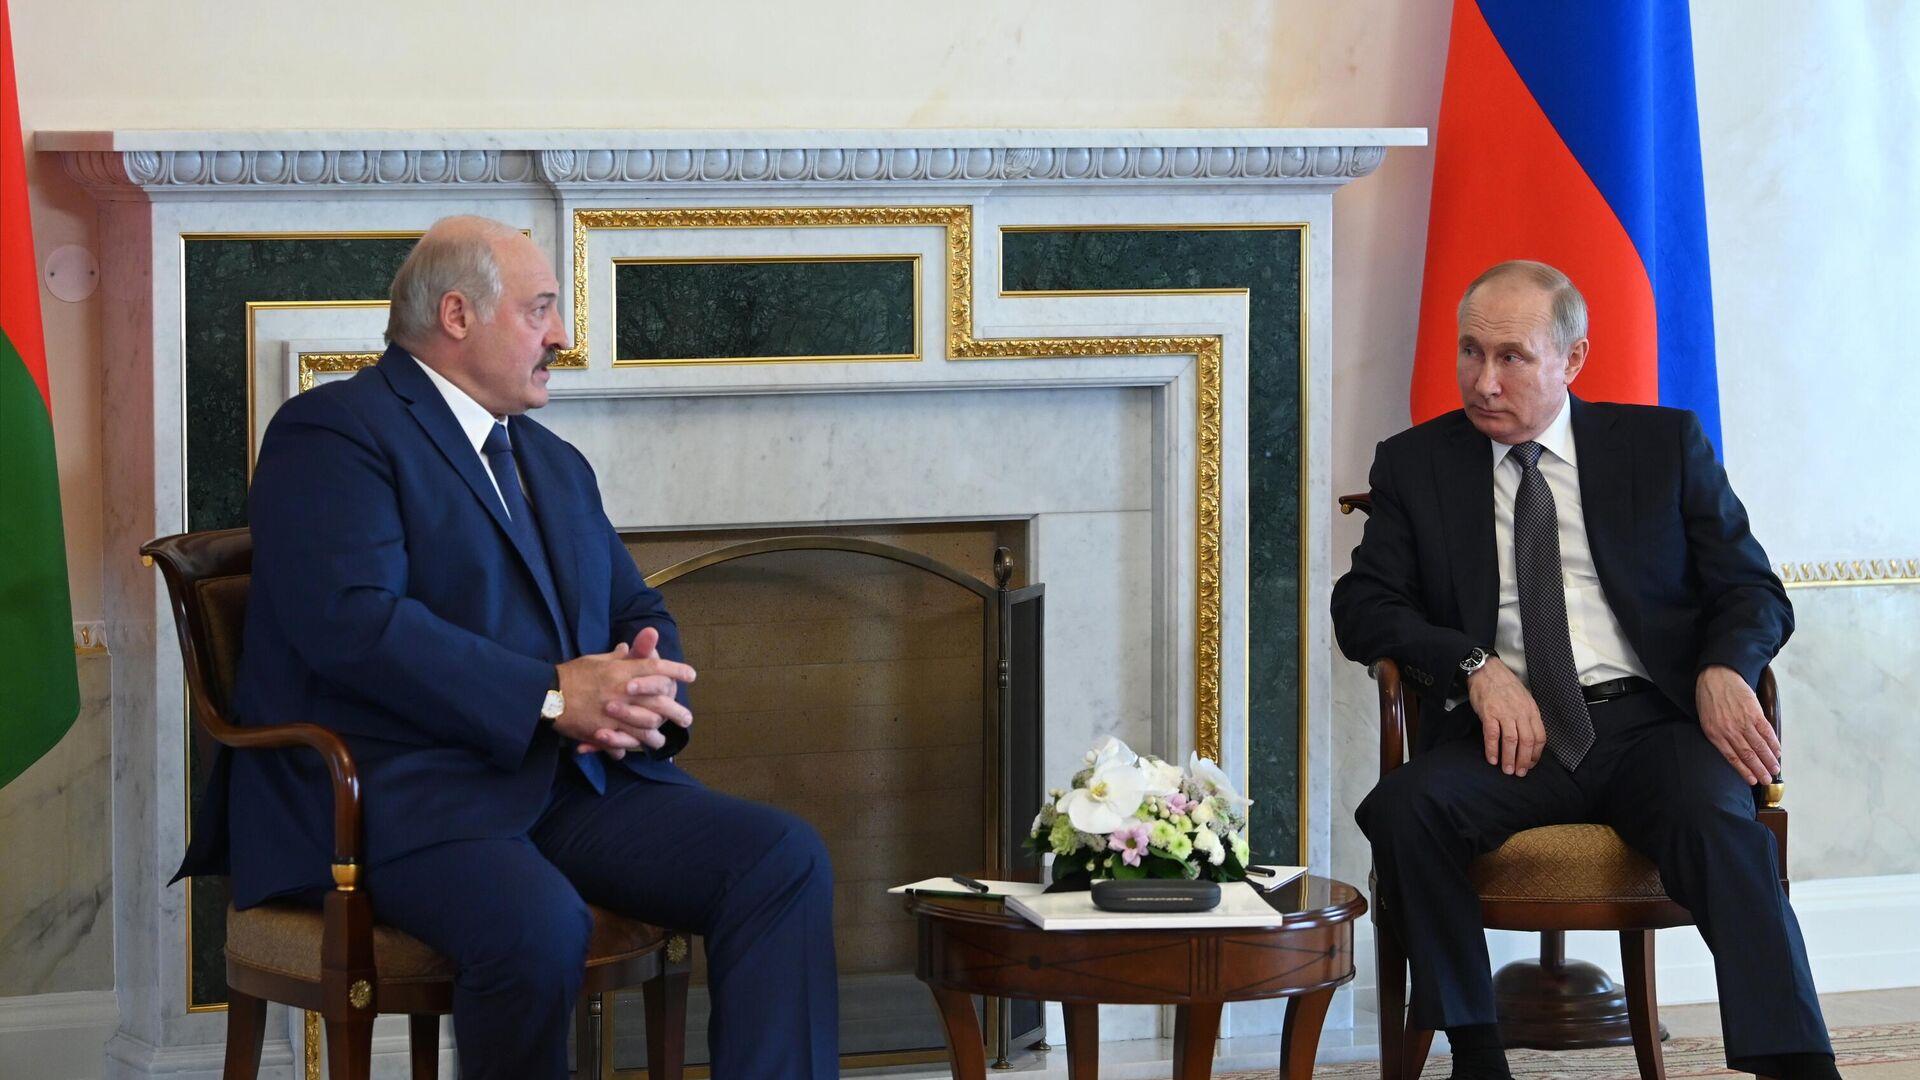 В Кремле проходят переговоры Путина и Лукашенко - РИА Новости, 09.09.2021